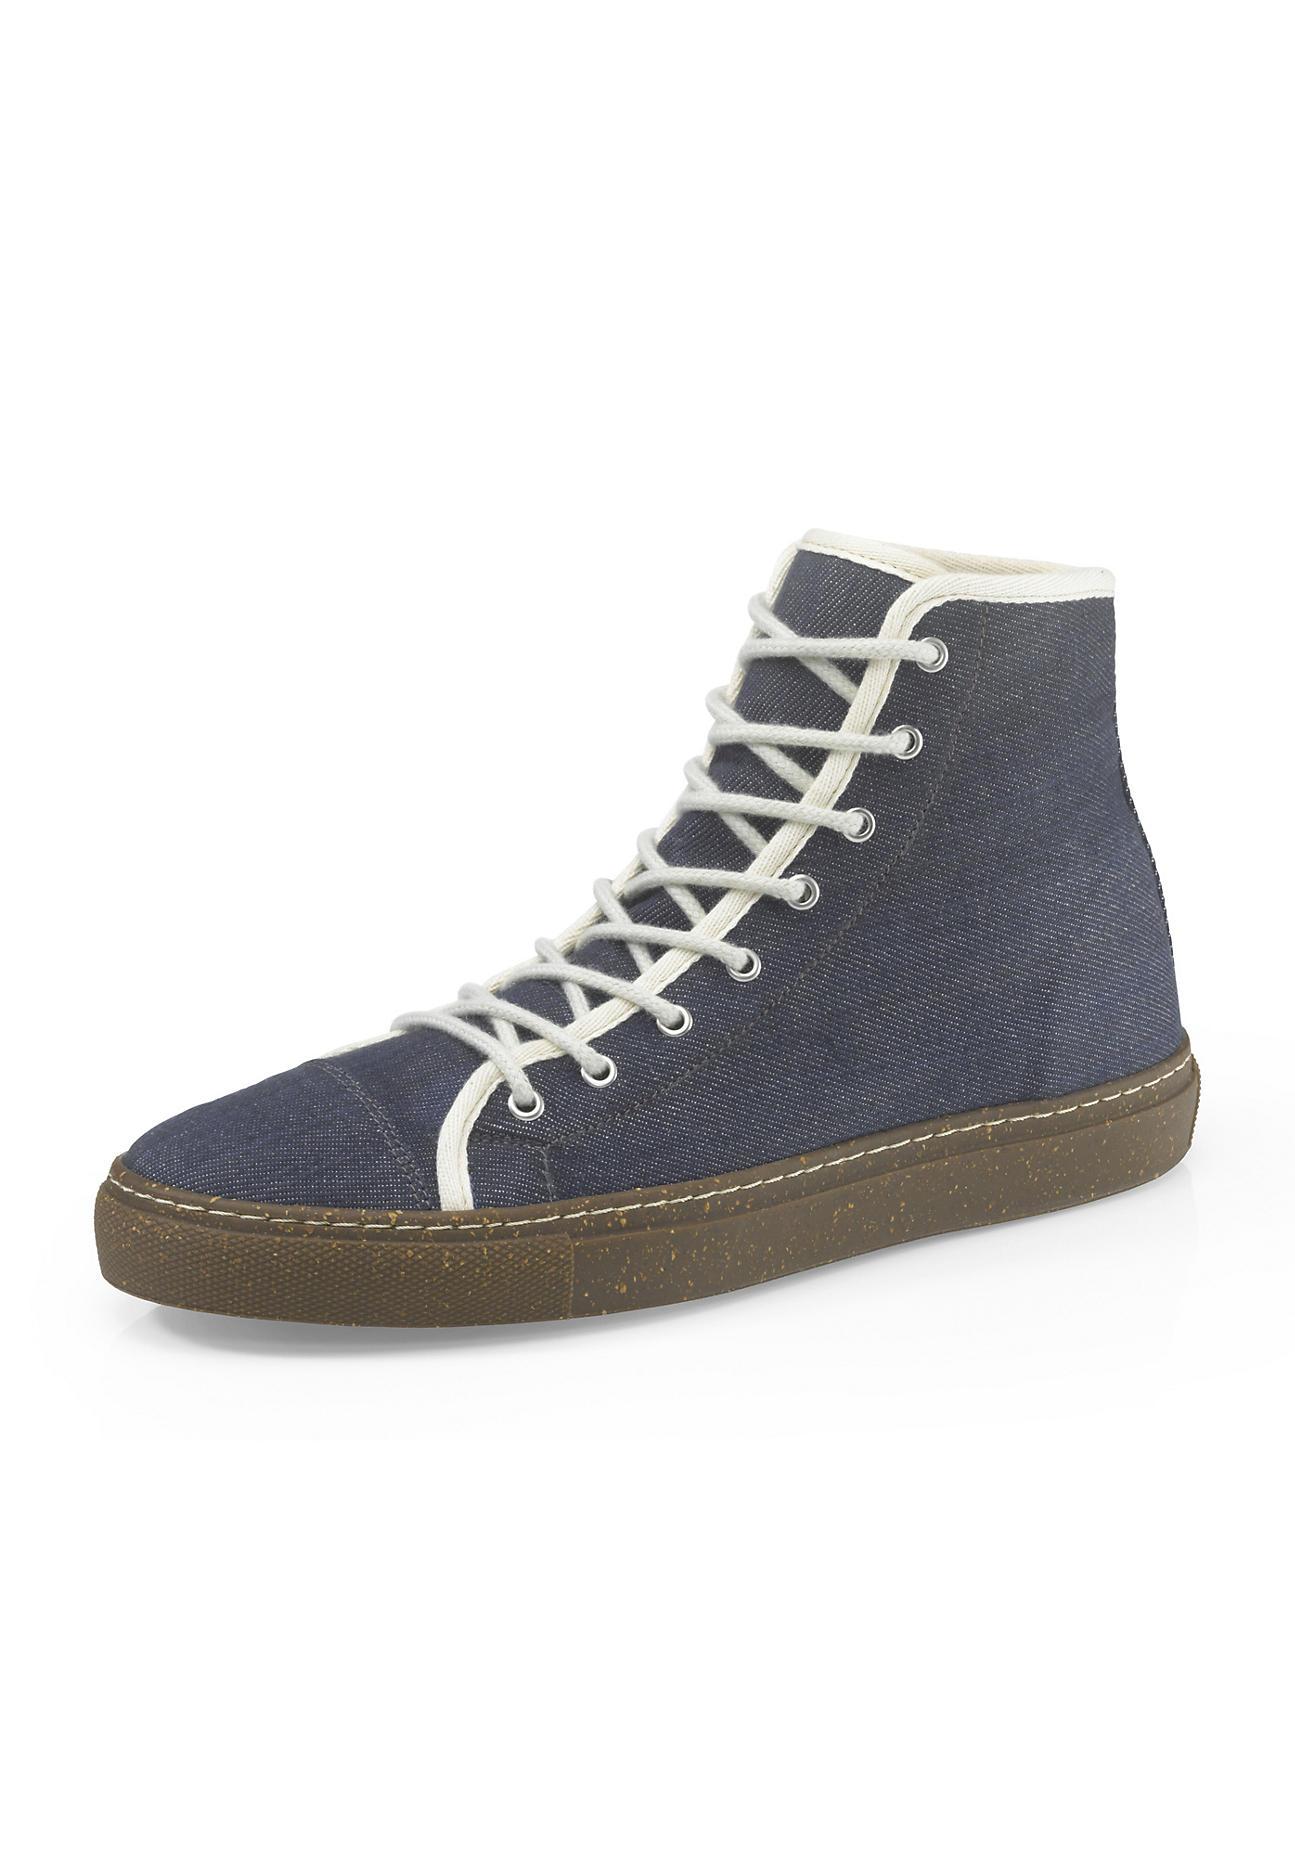 hessnatur Herren Herren Upcycling Sneaker aus Bio-Denim und Naturkautschuk – blau – Größe 41